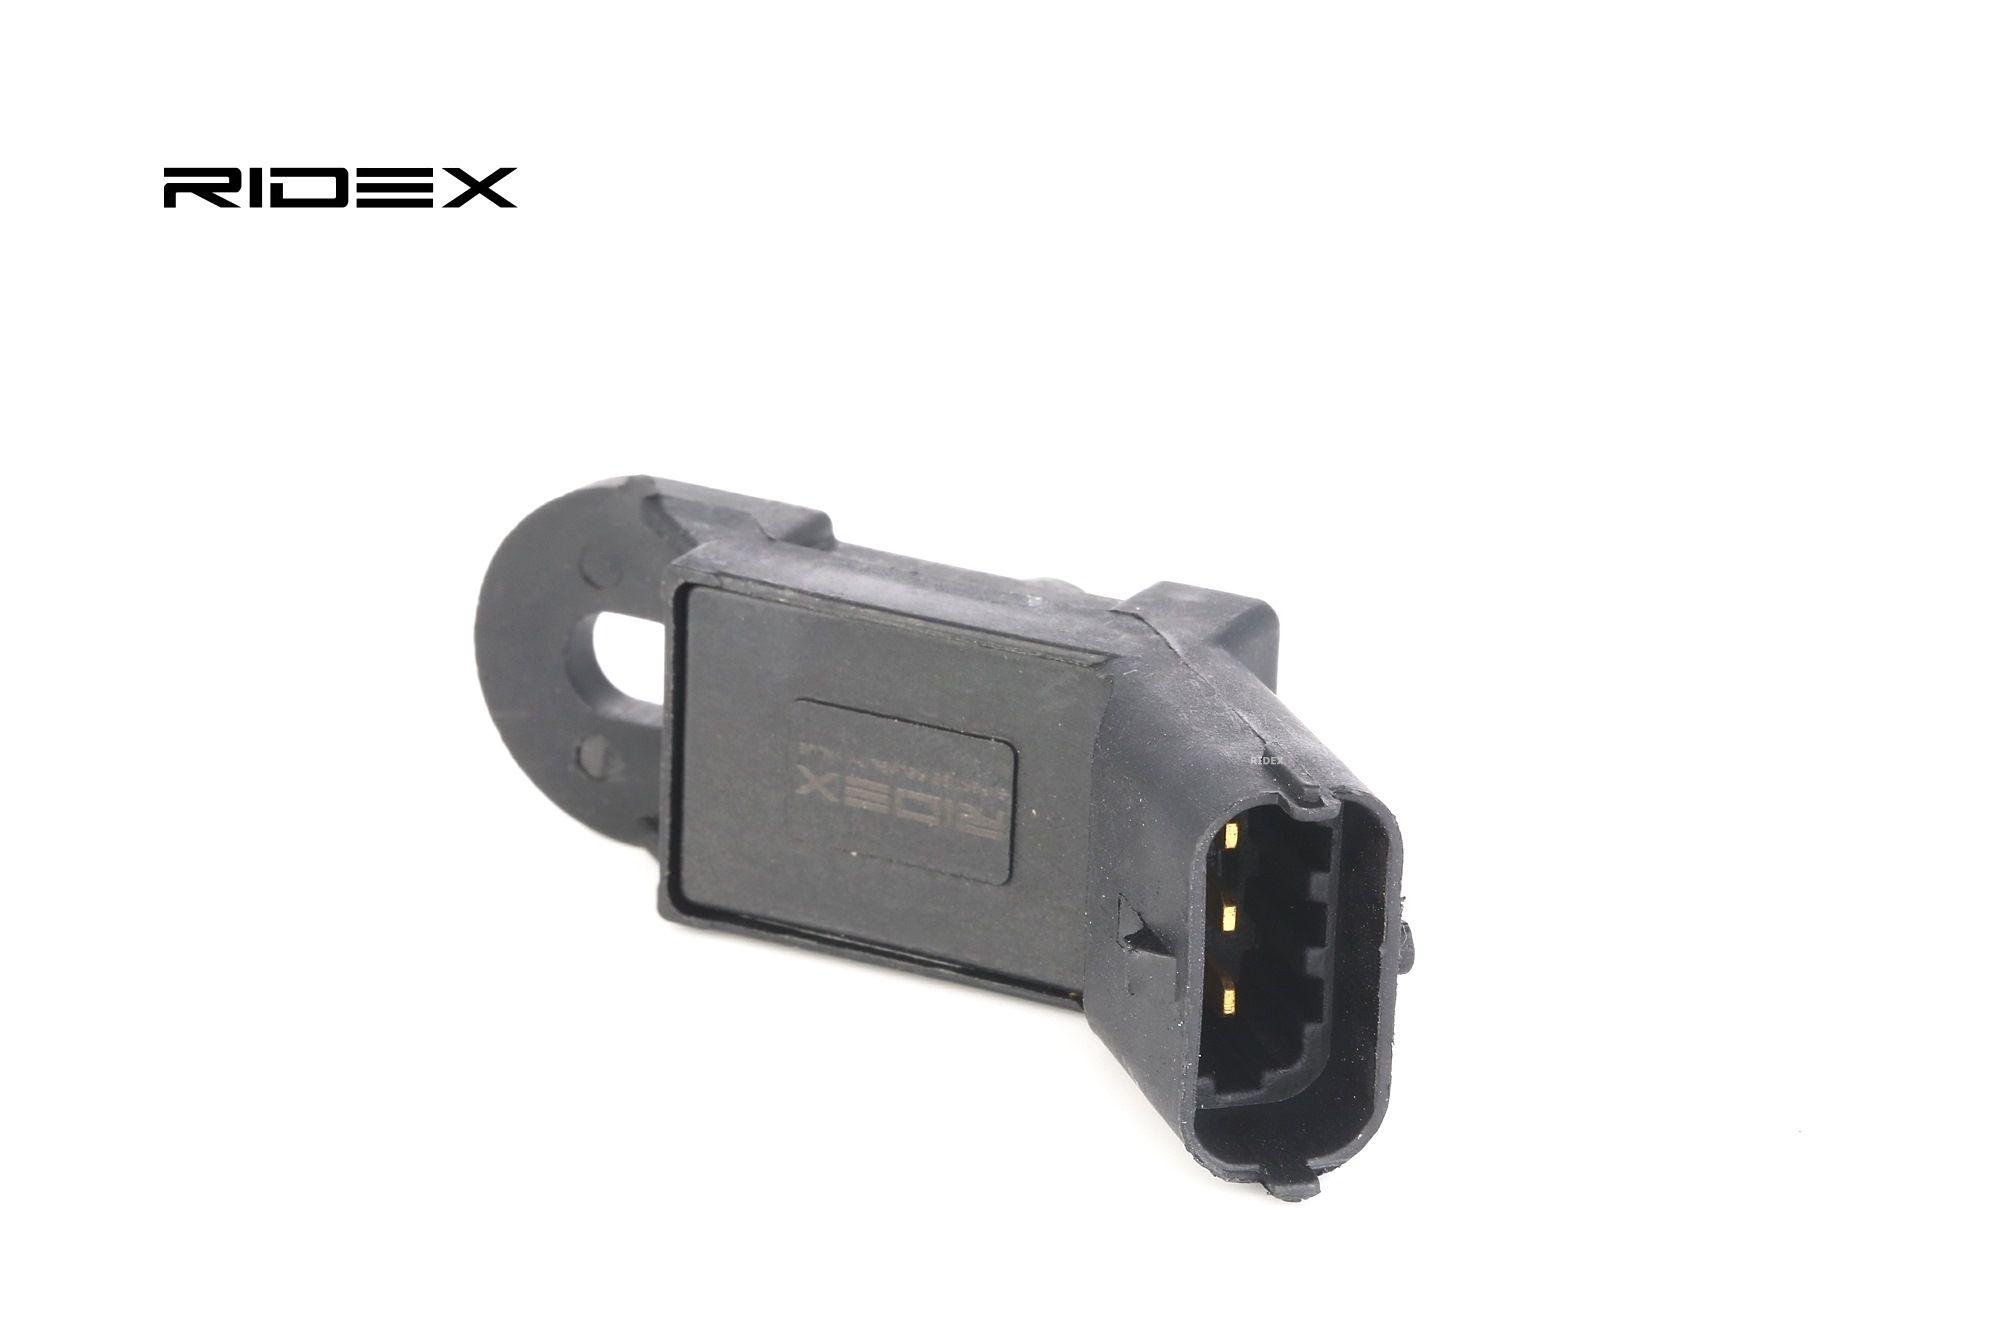 Išmetimo sistema 161B0006 su puikiu RIDEX kainos/kokybės santykiu